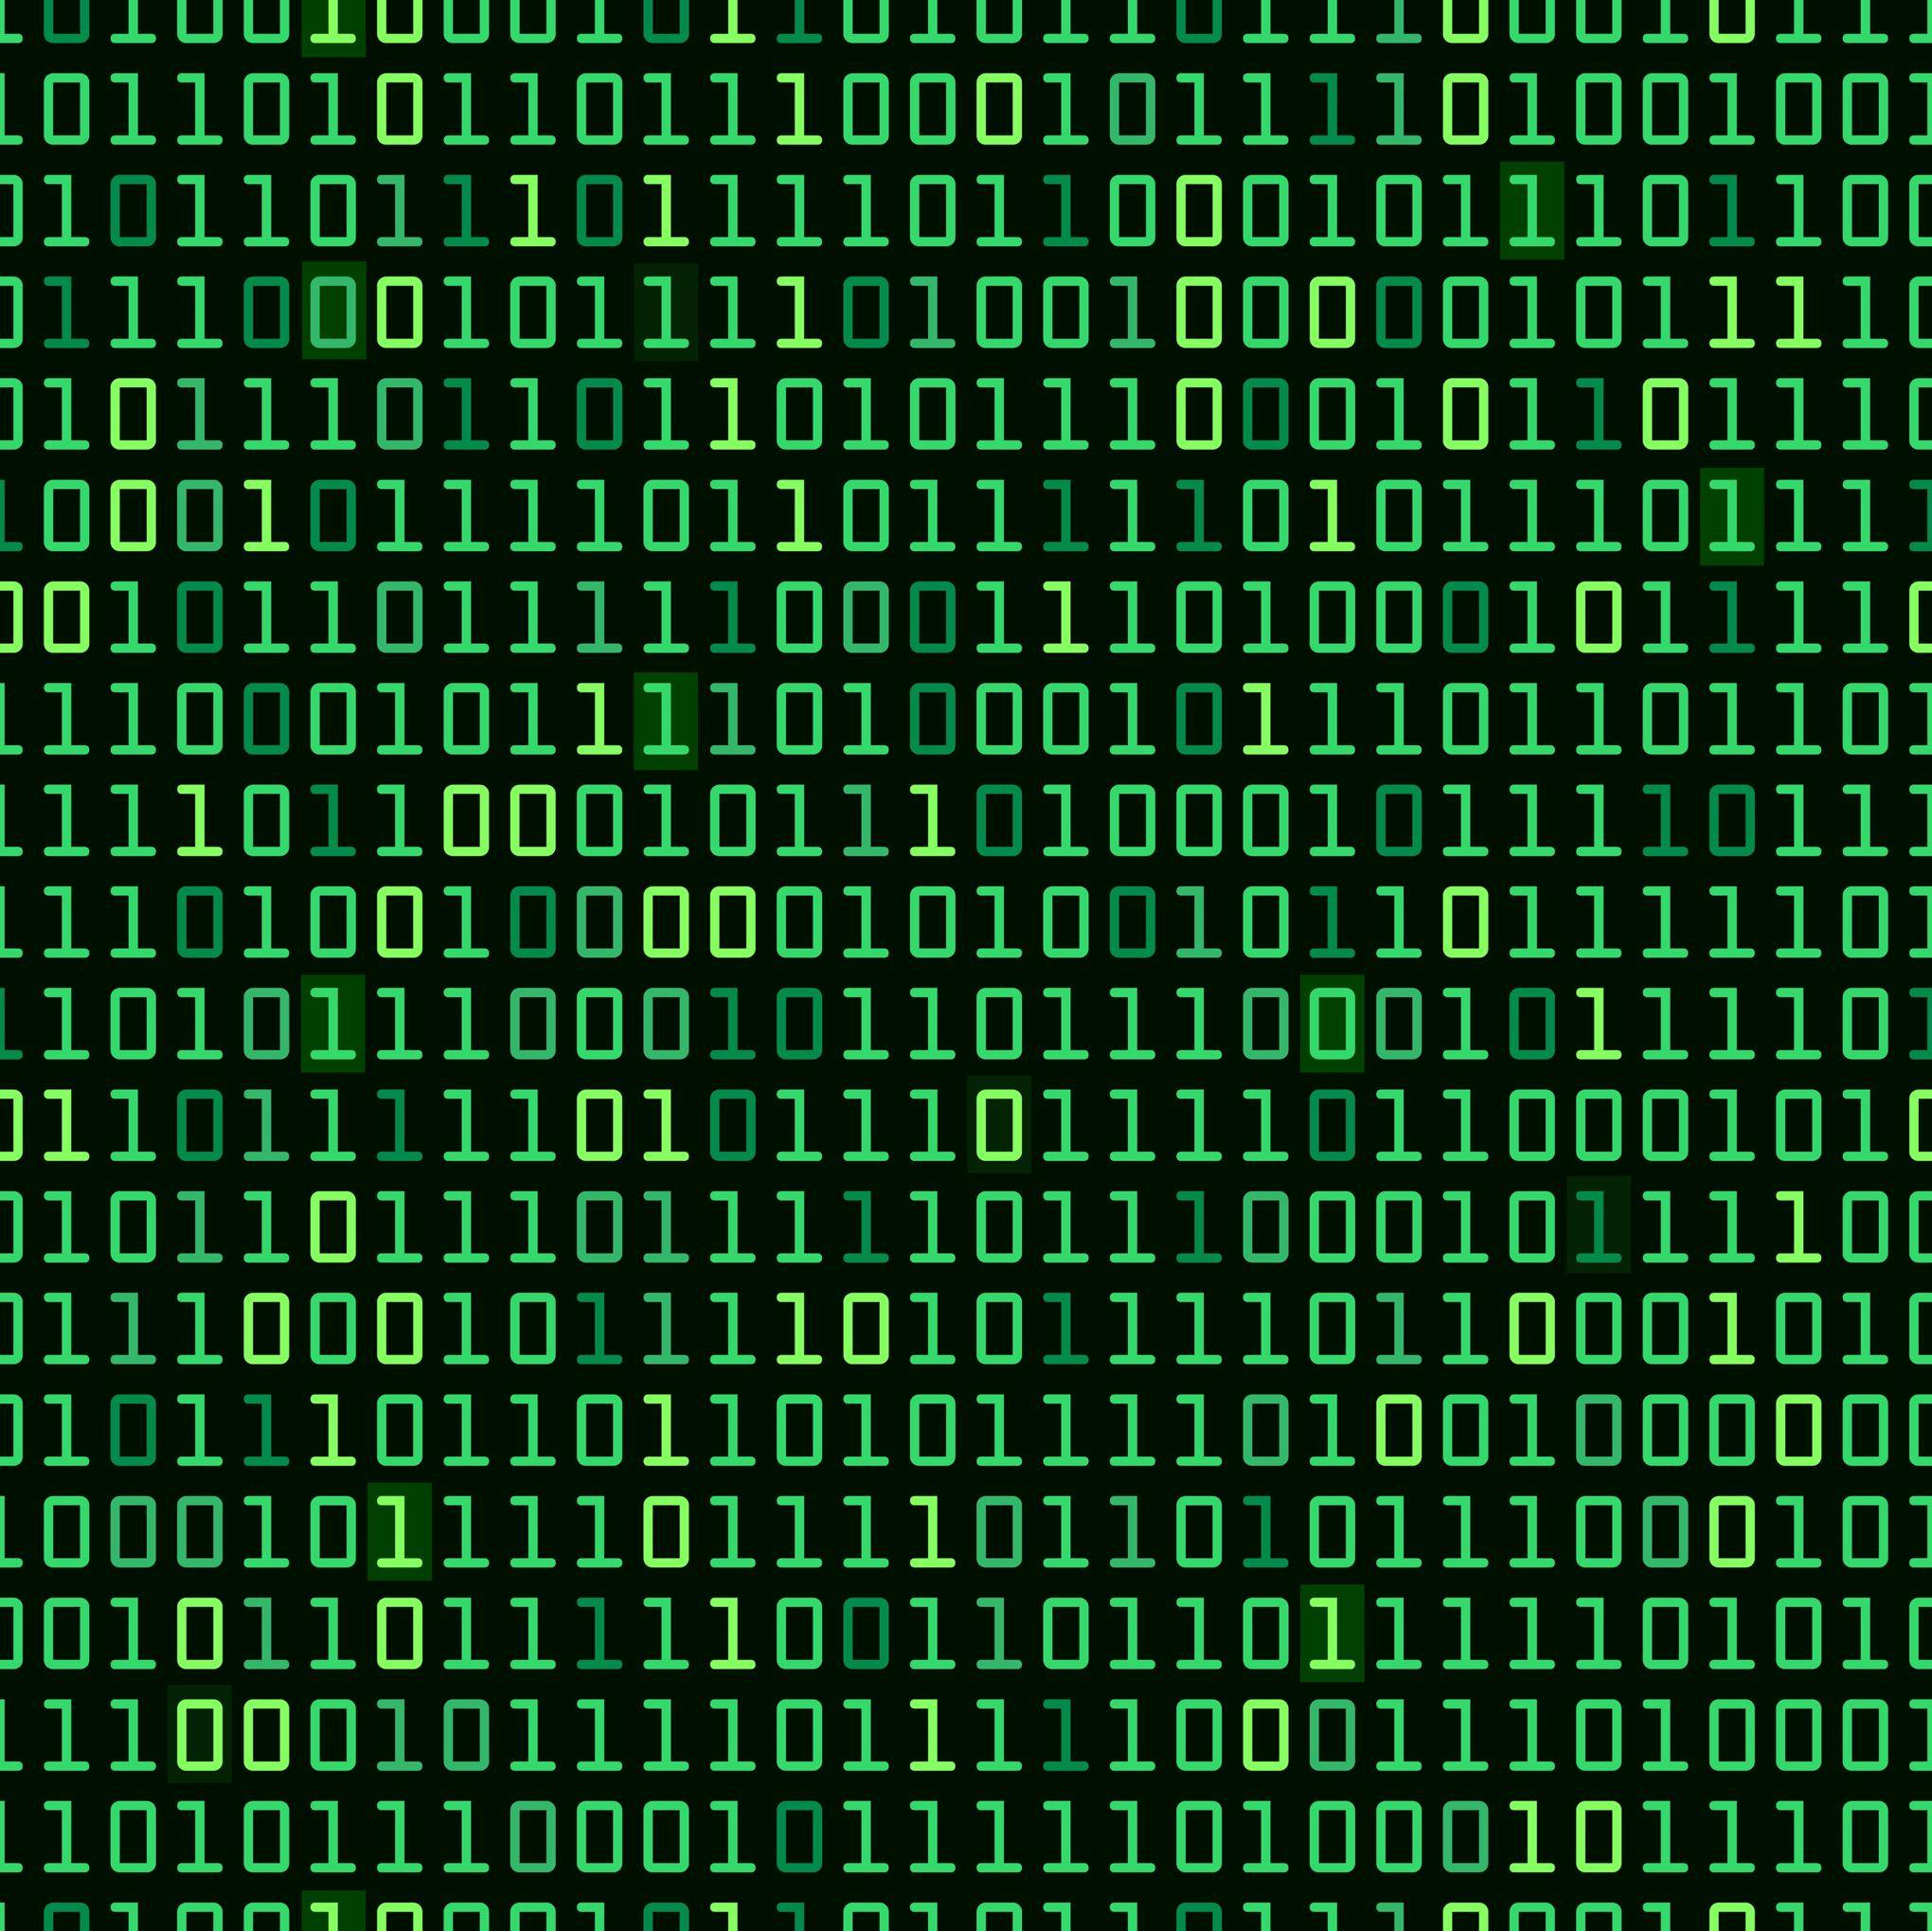 Aux tats unis l 39 informatique plus forte que les langues for Fenetre informatique